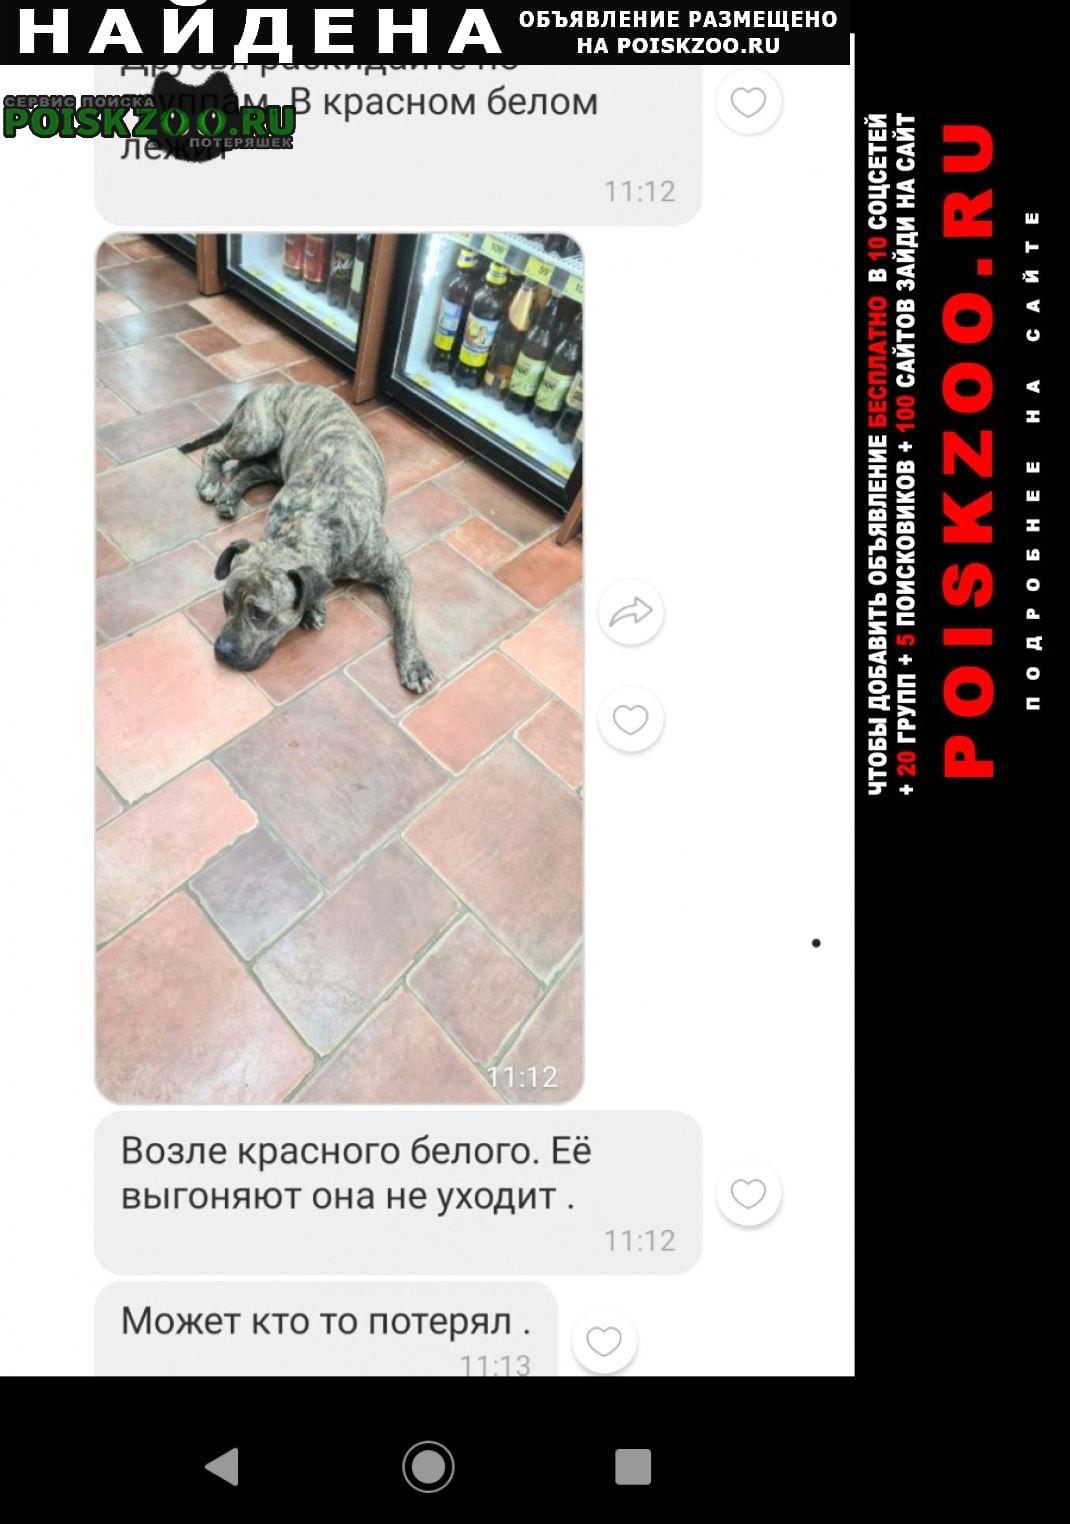 Найдена собака кобель магазин красное белое Оренбург